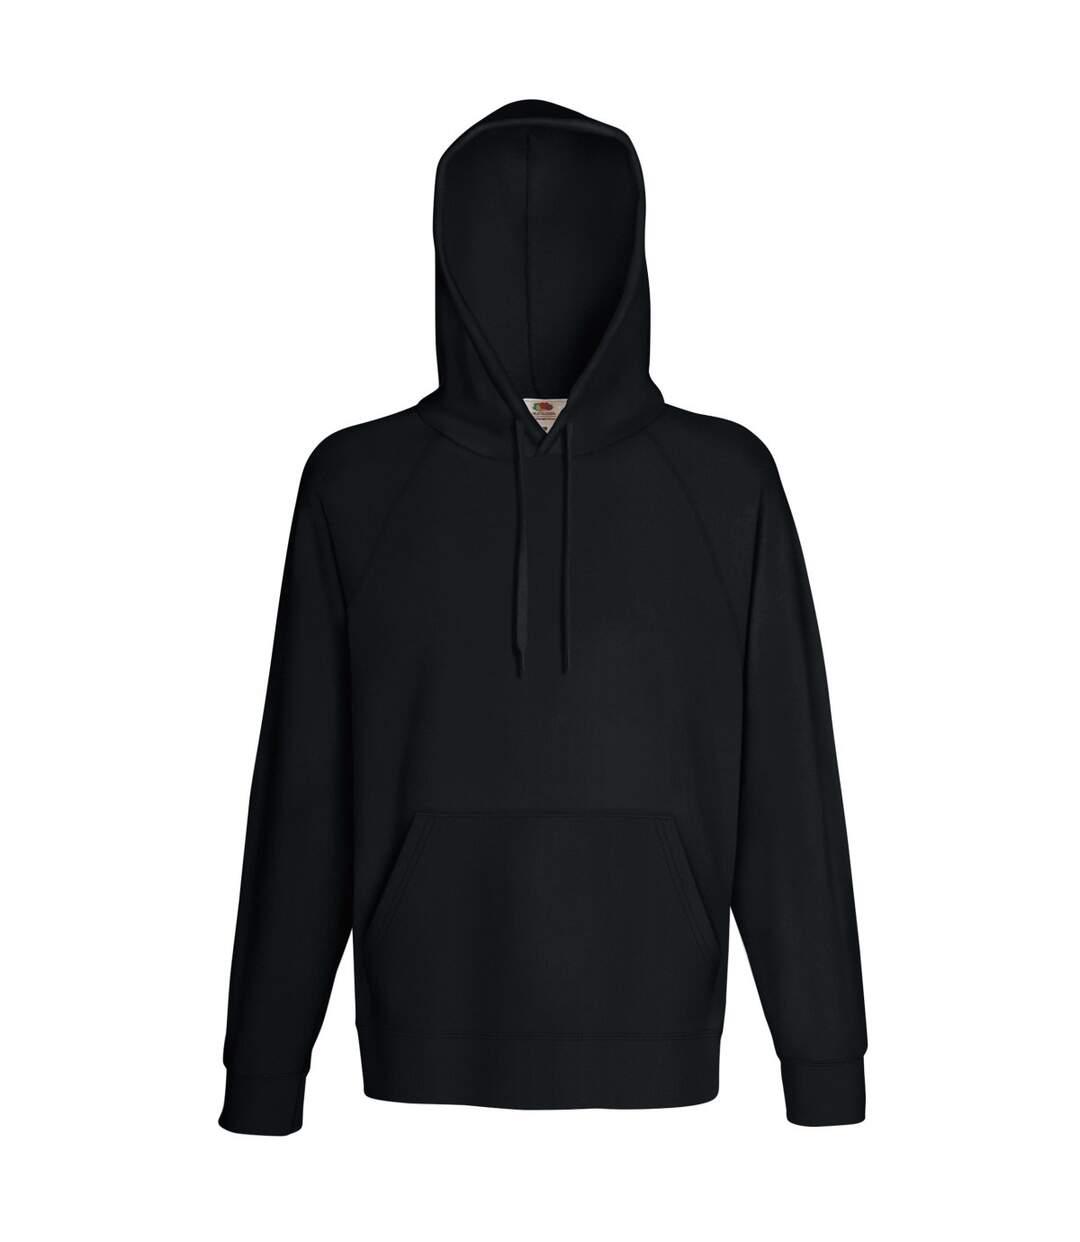 Fruit Of The Loom Mens Lightweight Hooded Sweatshirt / Hoodie (240 GSM) (Black) - UTBC2654